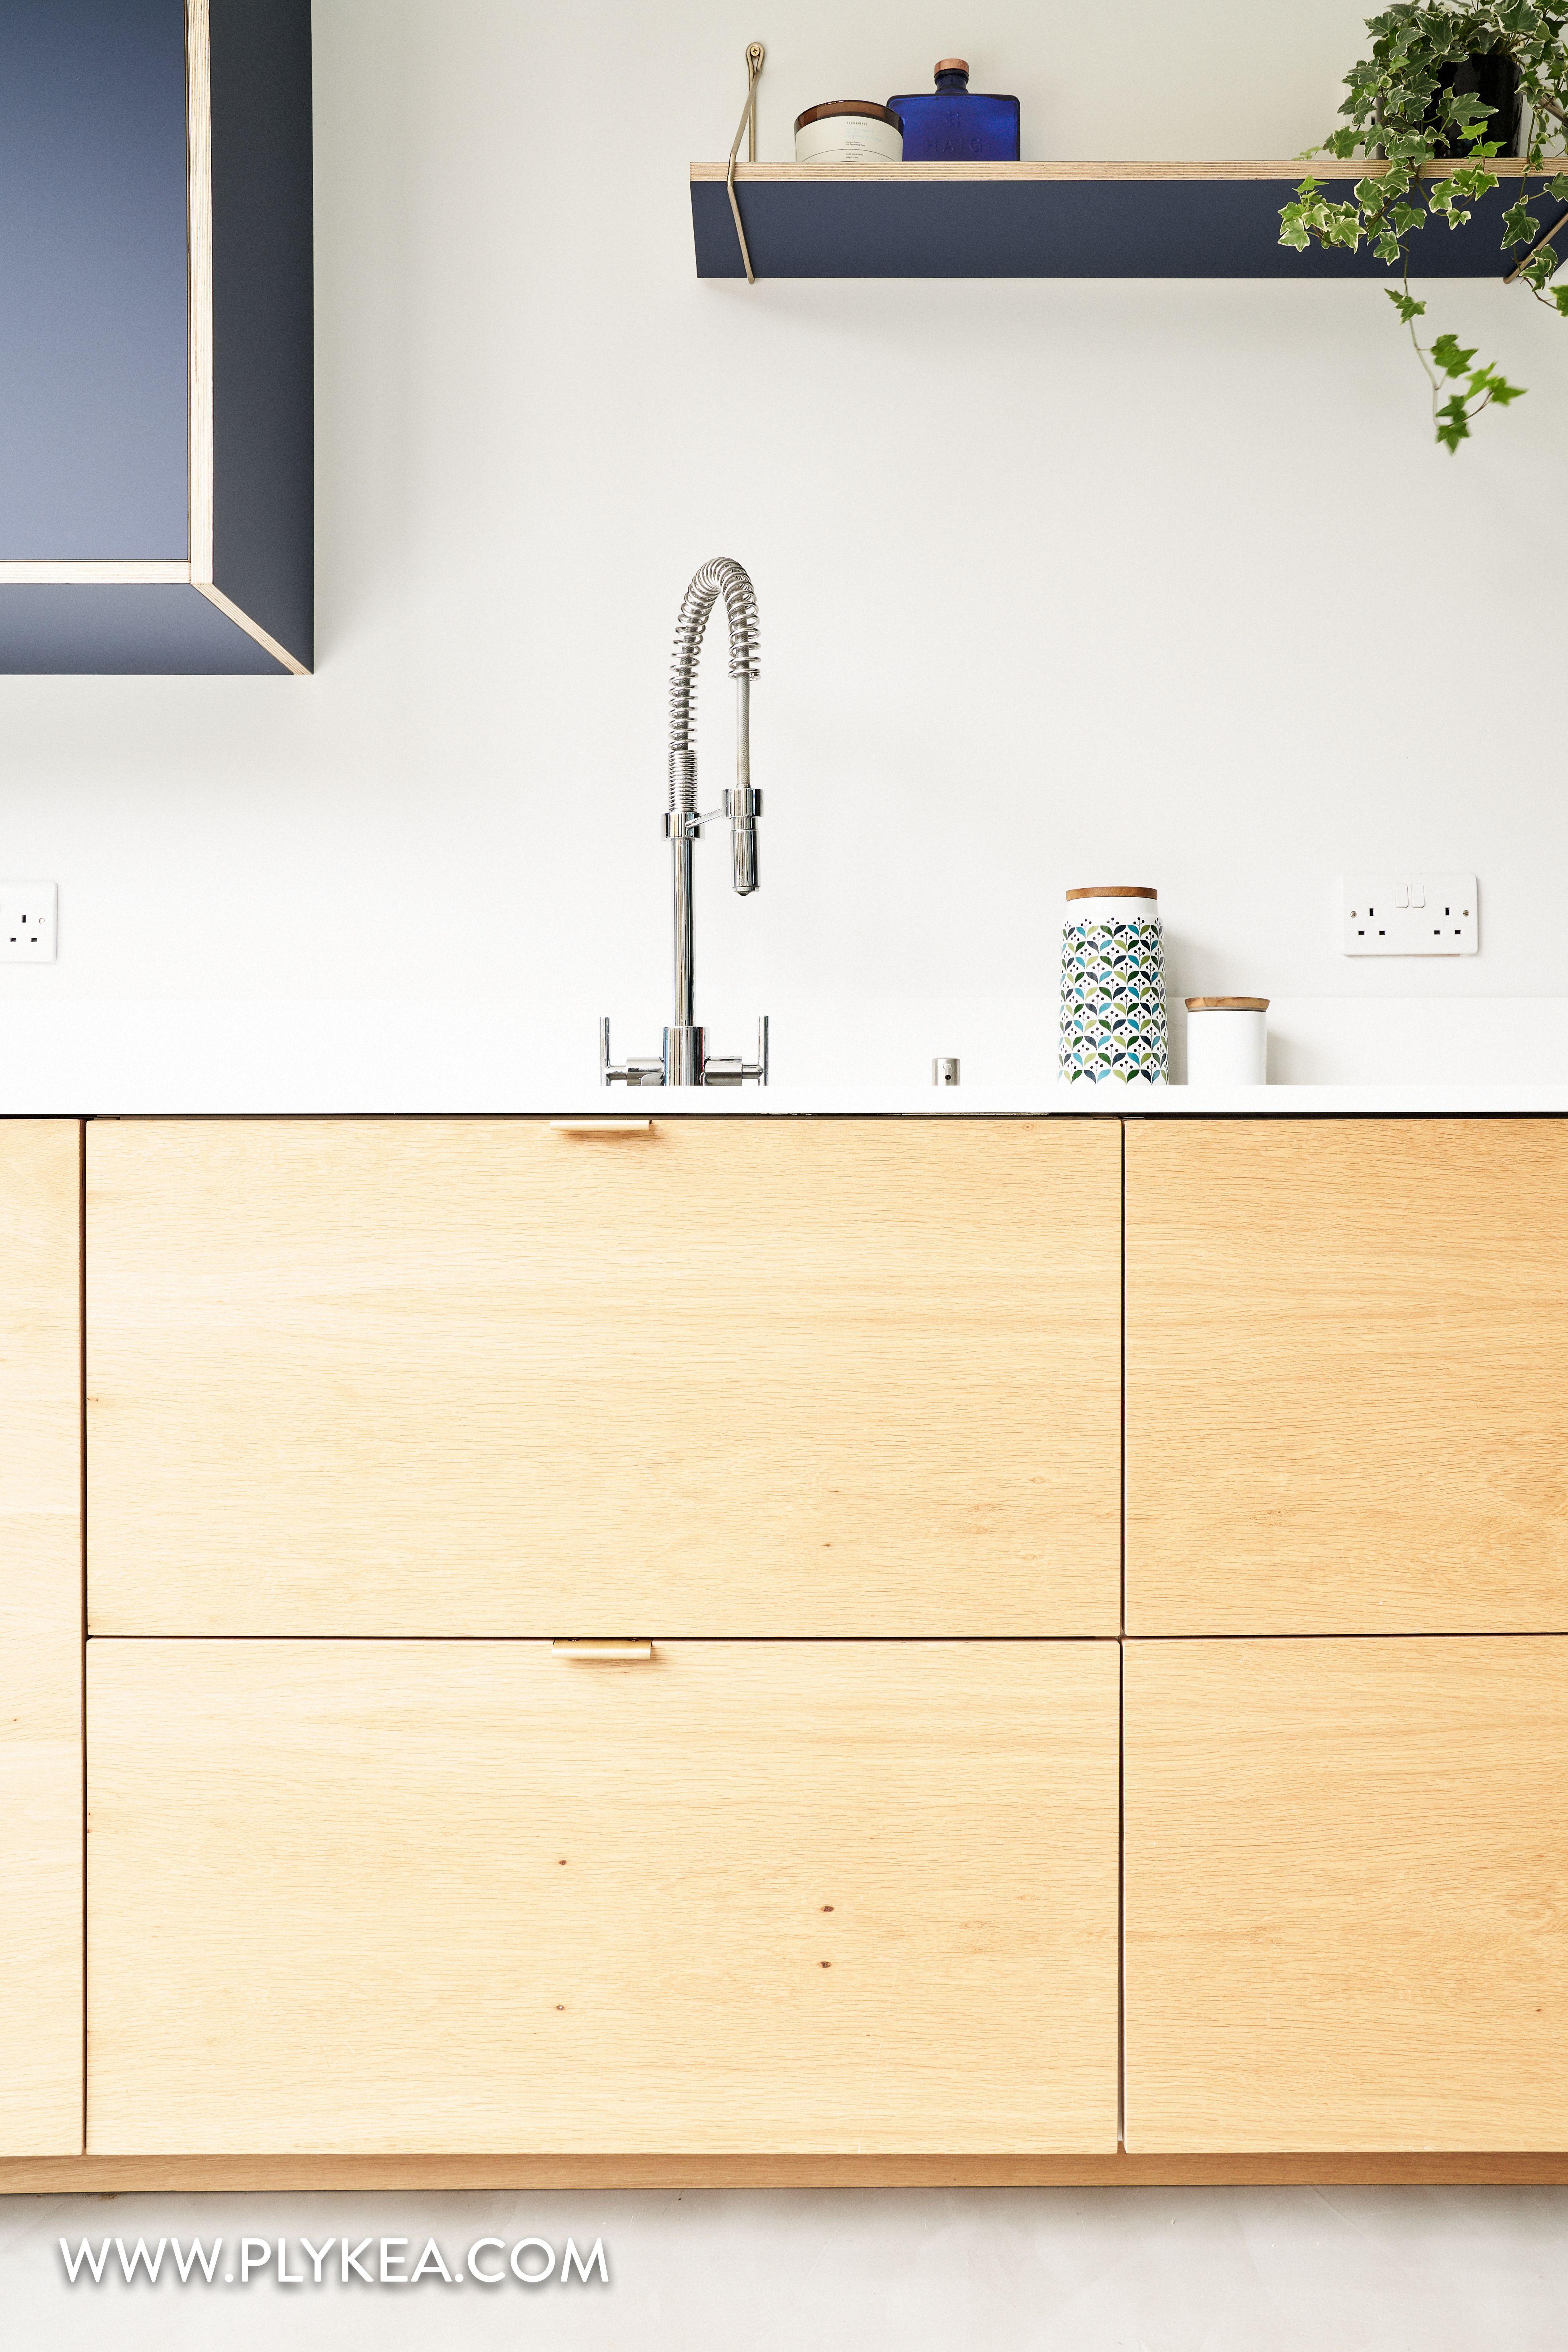 Edge Pulls Installed On Cherry Cider Slab Door Contemporary Kitchen Range Slabdoor Cherry Cider Contemporary Door Contemporary Kitchen Slab Door Kitchen